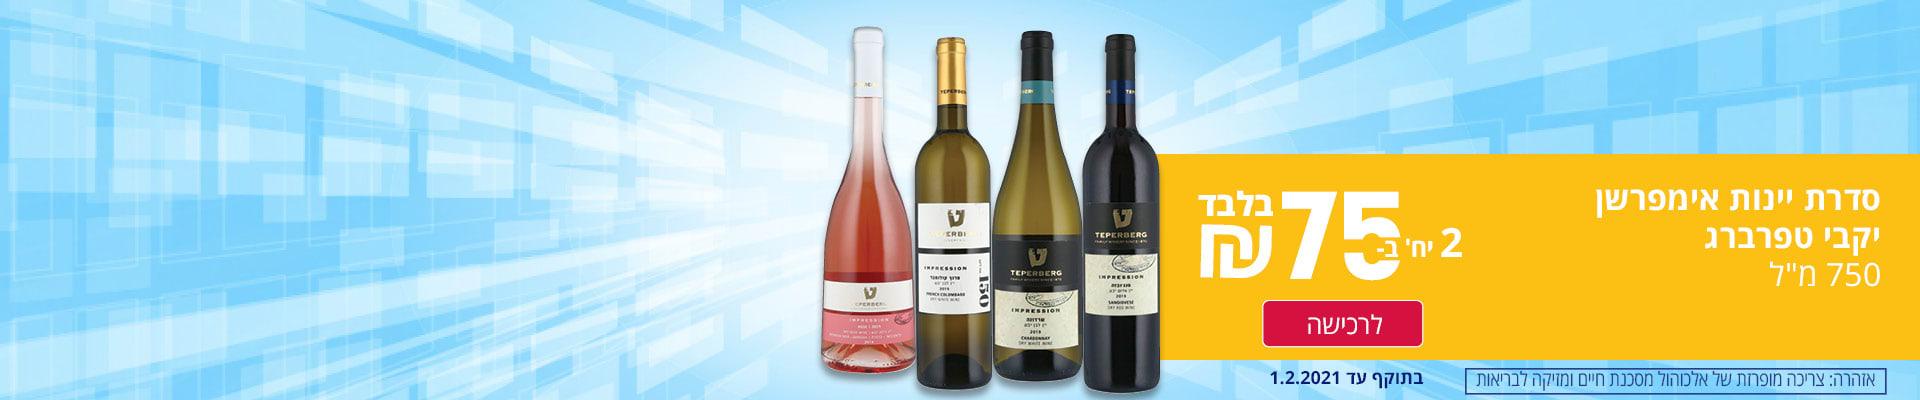 """סדרת יינות אימפרשן יקבי טפרברג 750 מ""""ל 2 יח' ב- 75 ₪ בלבד לרכישה בתוקף עד 1.2.2021, אזהרה: צריכה מופרזת של אלכוהול מסכנת חיים ומזיקה לבריאות"""